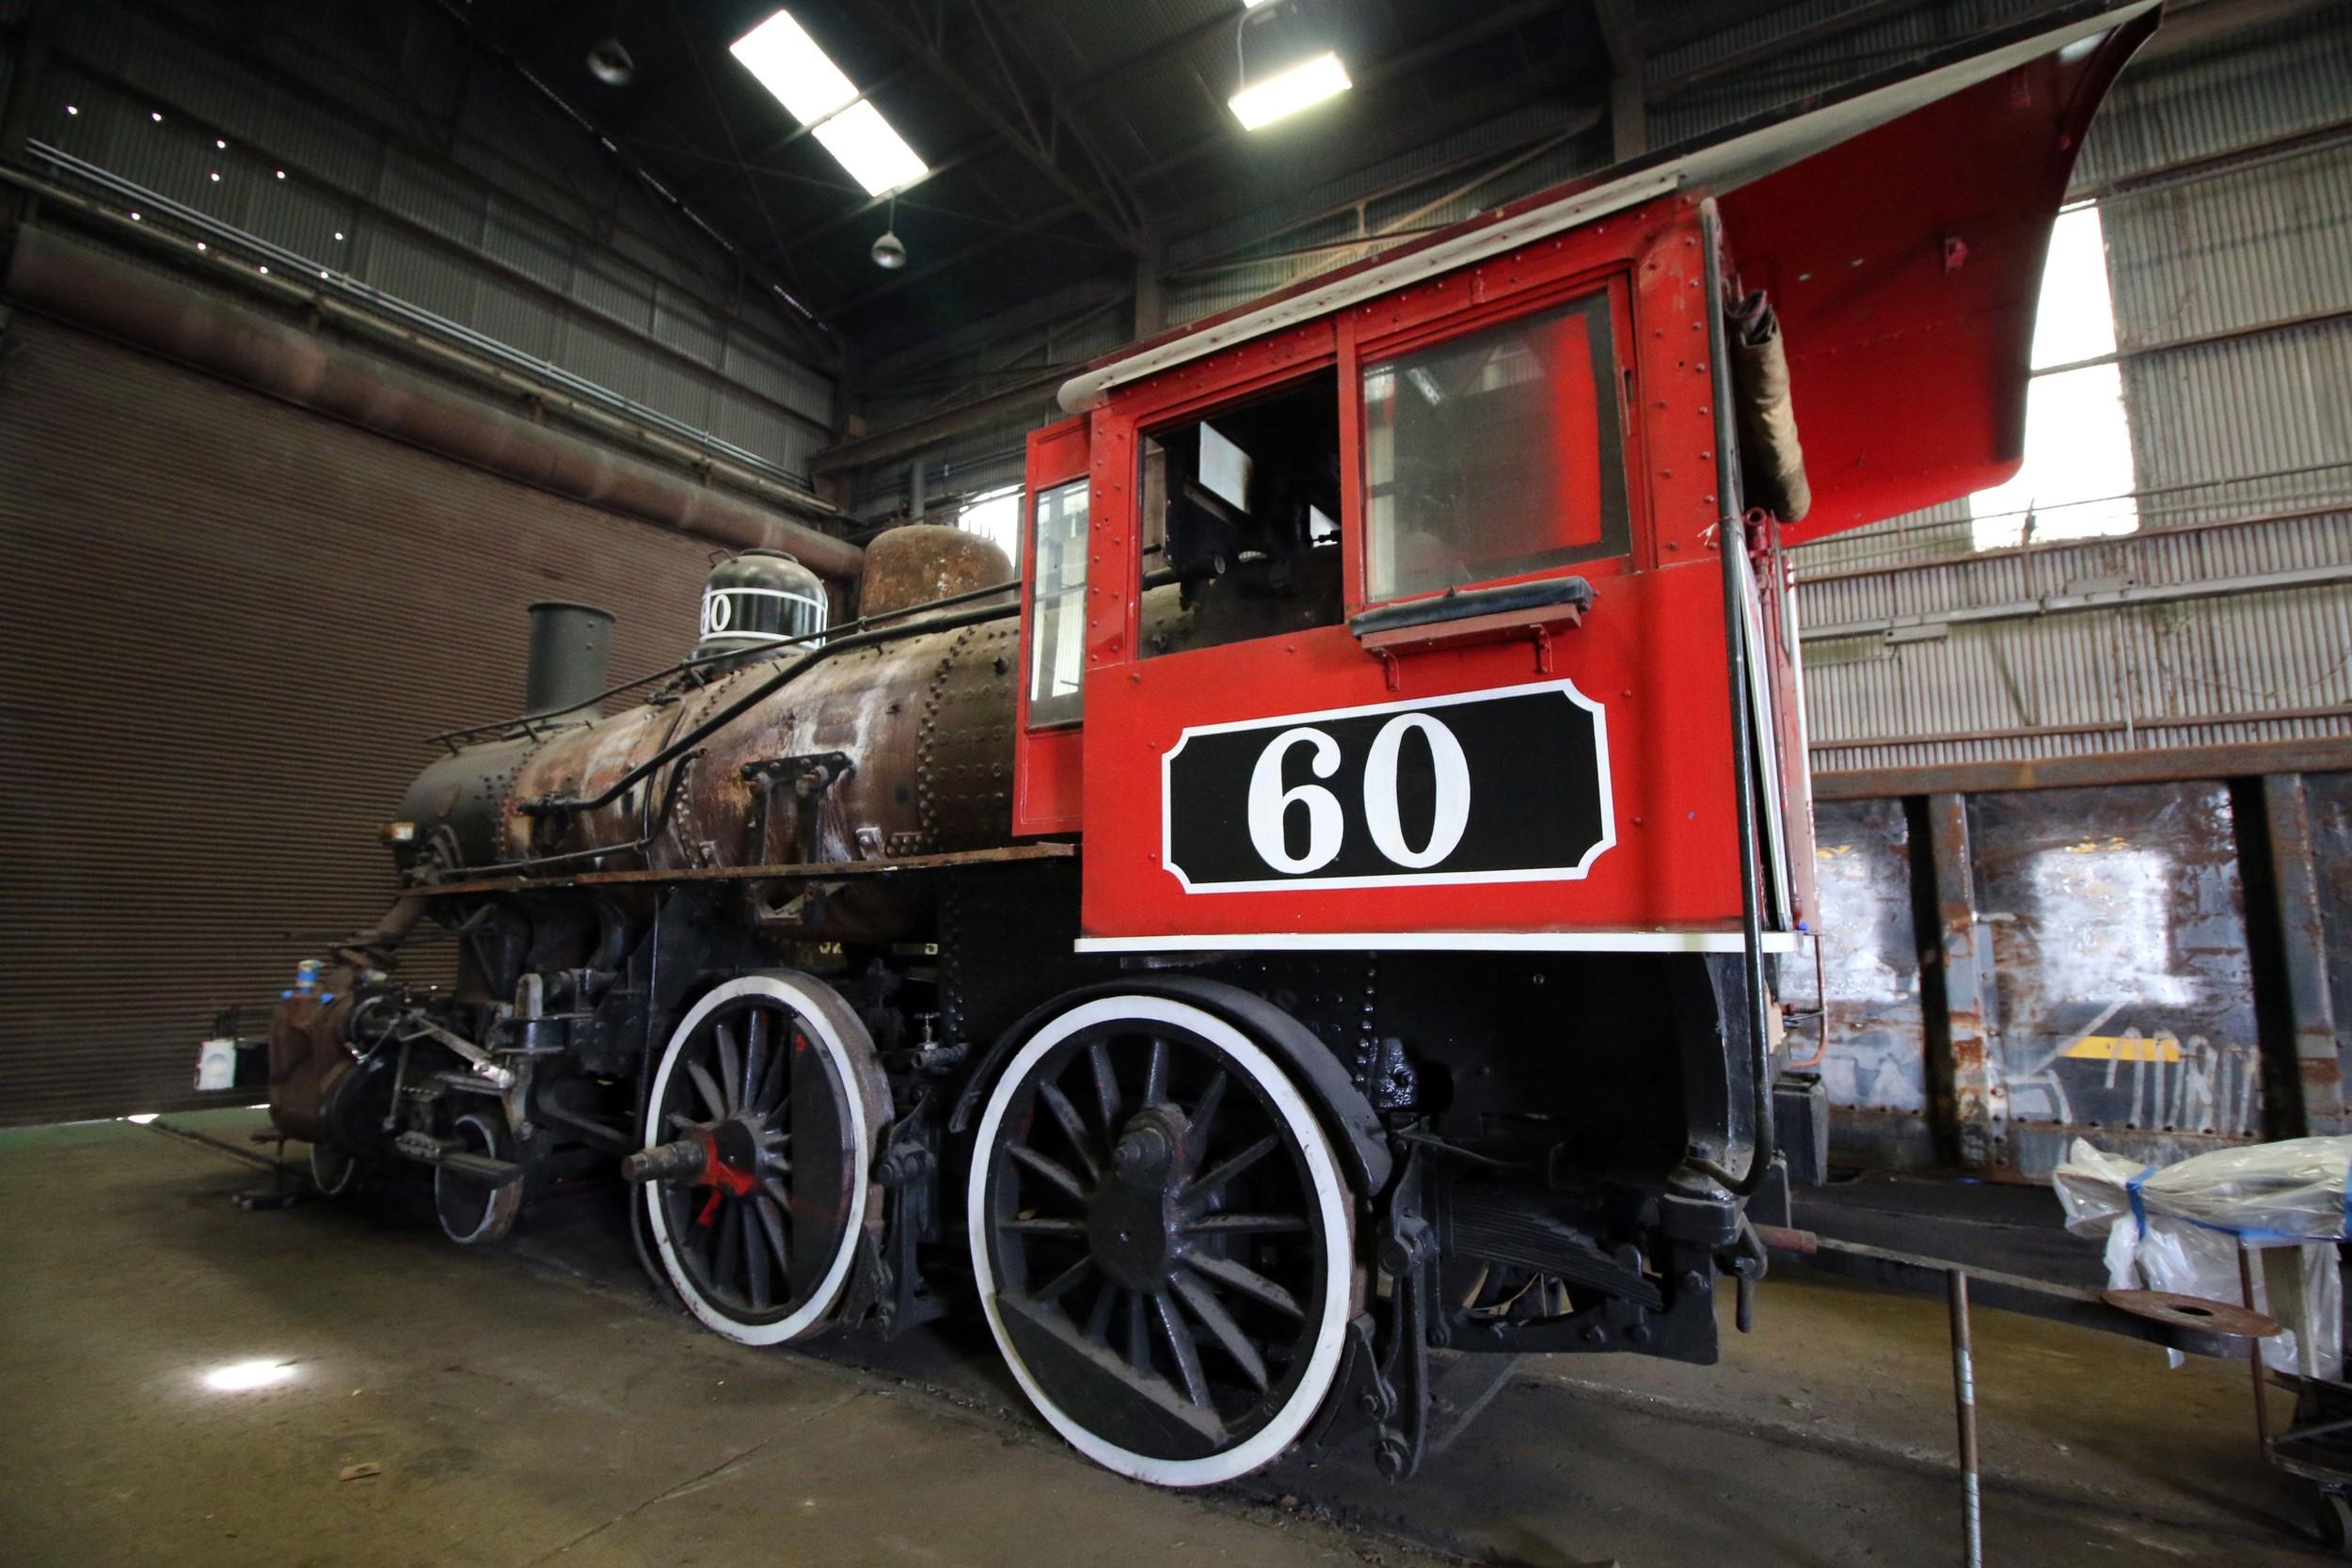 3RR No 60 The Texas II